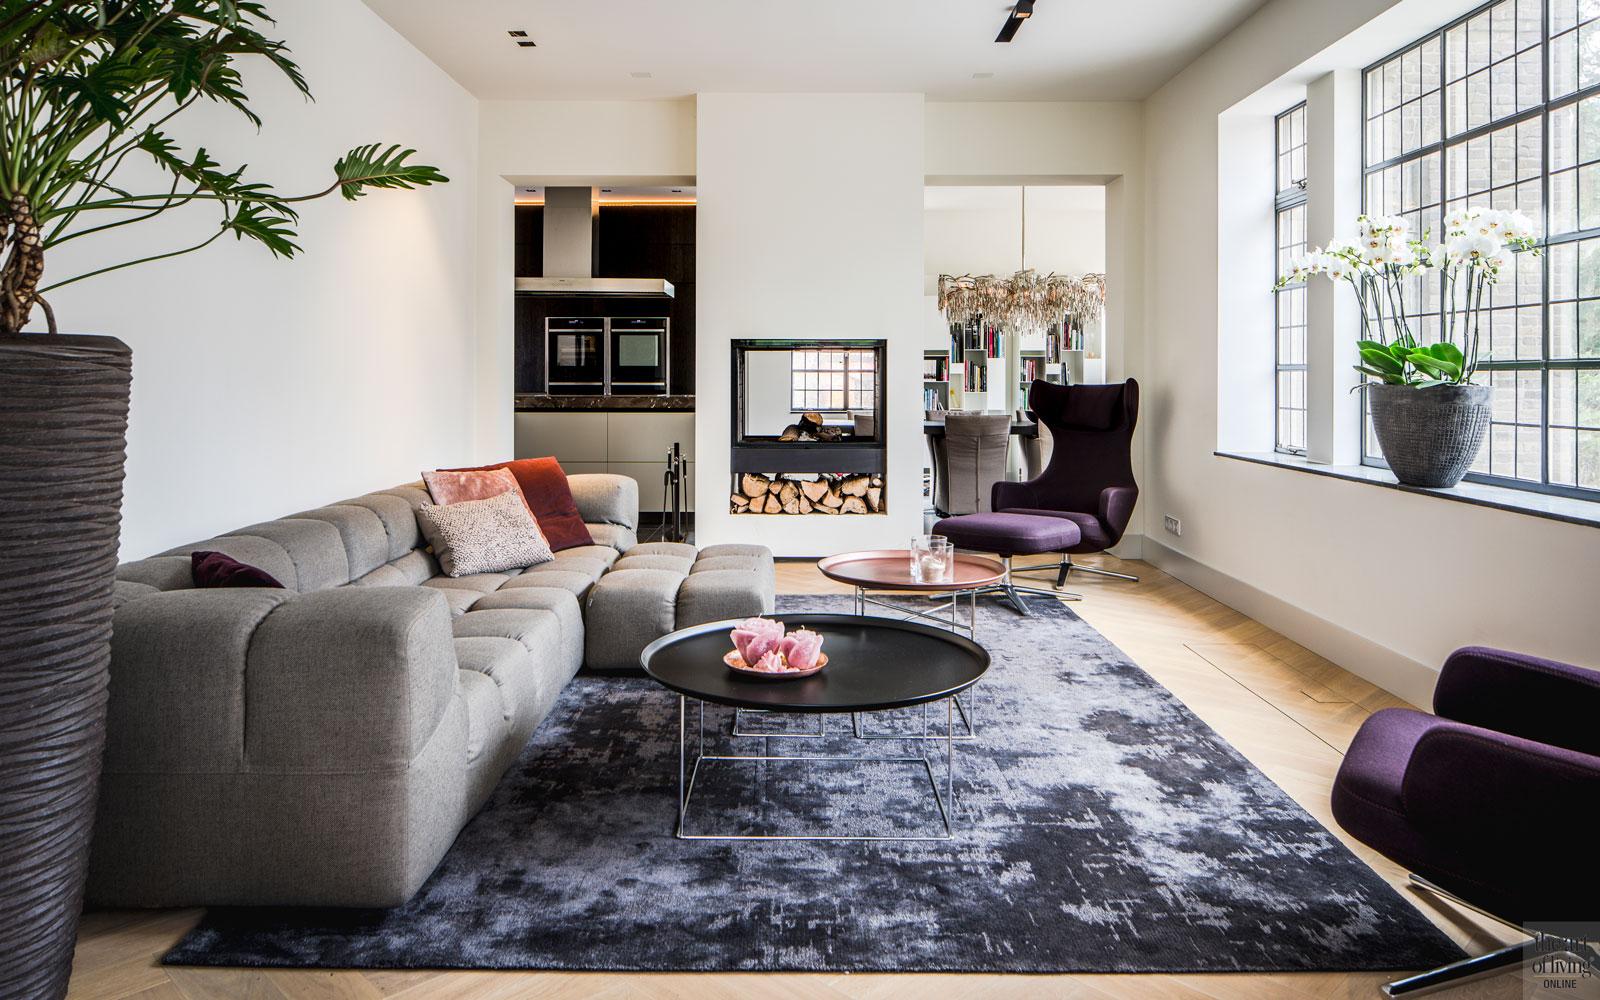 Woonkamer, living, interieur, tapijt, doorkijkhaard, sfeervol, warme uitstraling, monumentale villa, Van den Wildenberg